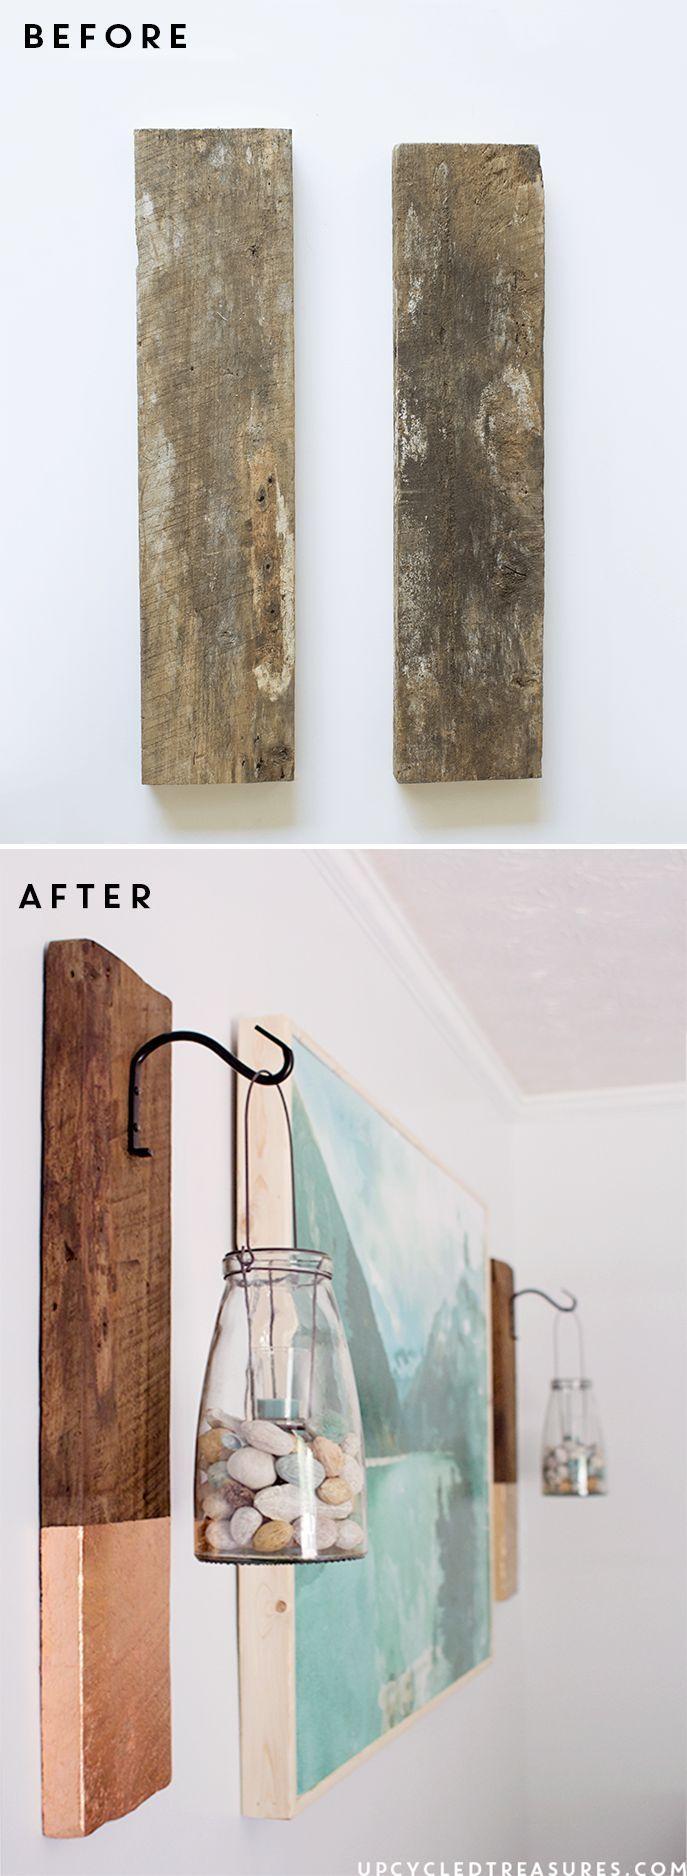 Best 10+ Diy Wall Art Ideas On Pinterest | Diy Art, Diy Wall Decor Intended For Long Vertical Wall Art (View 14 of 20)